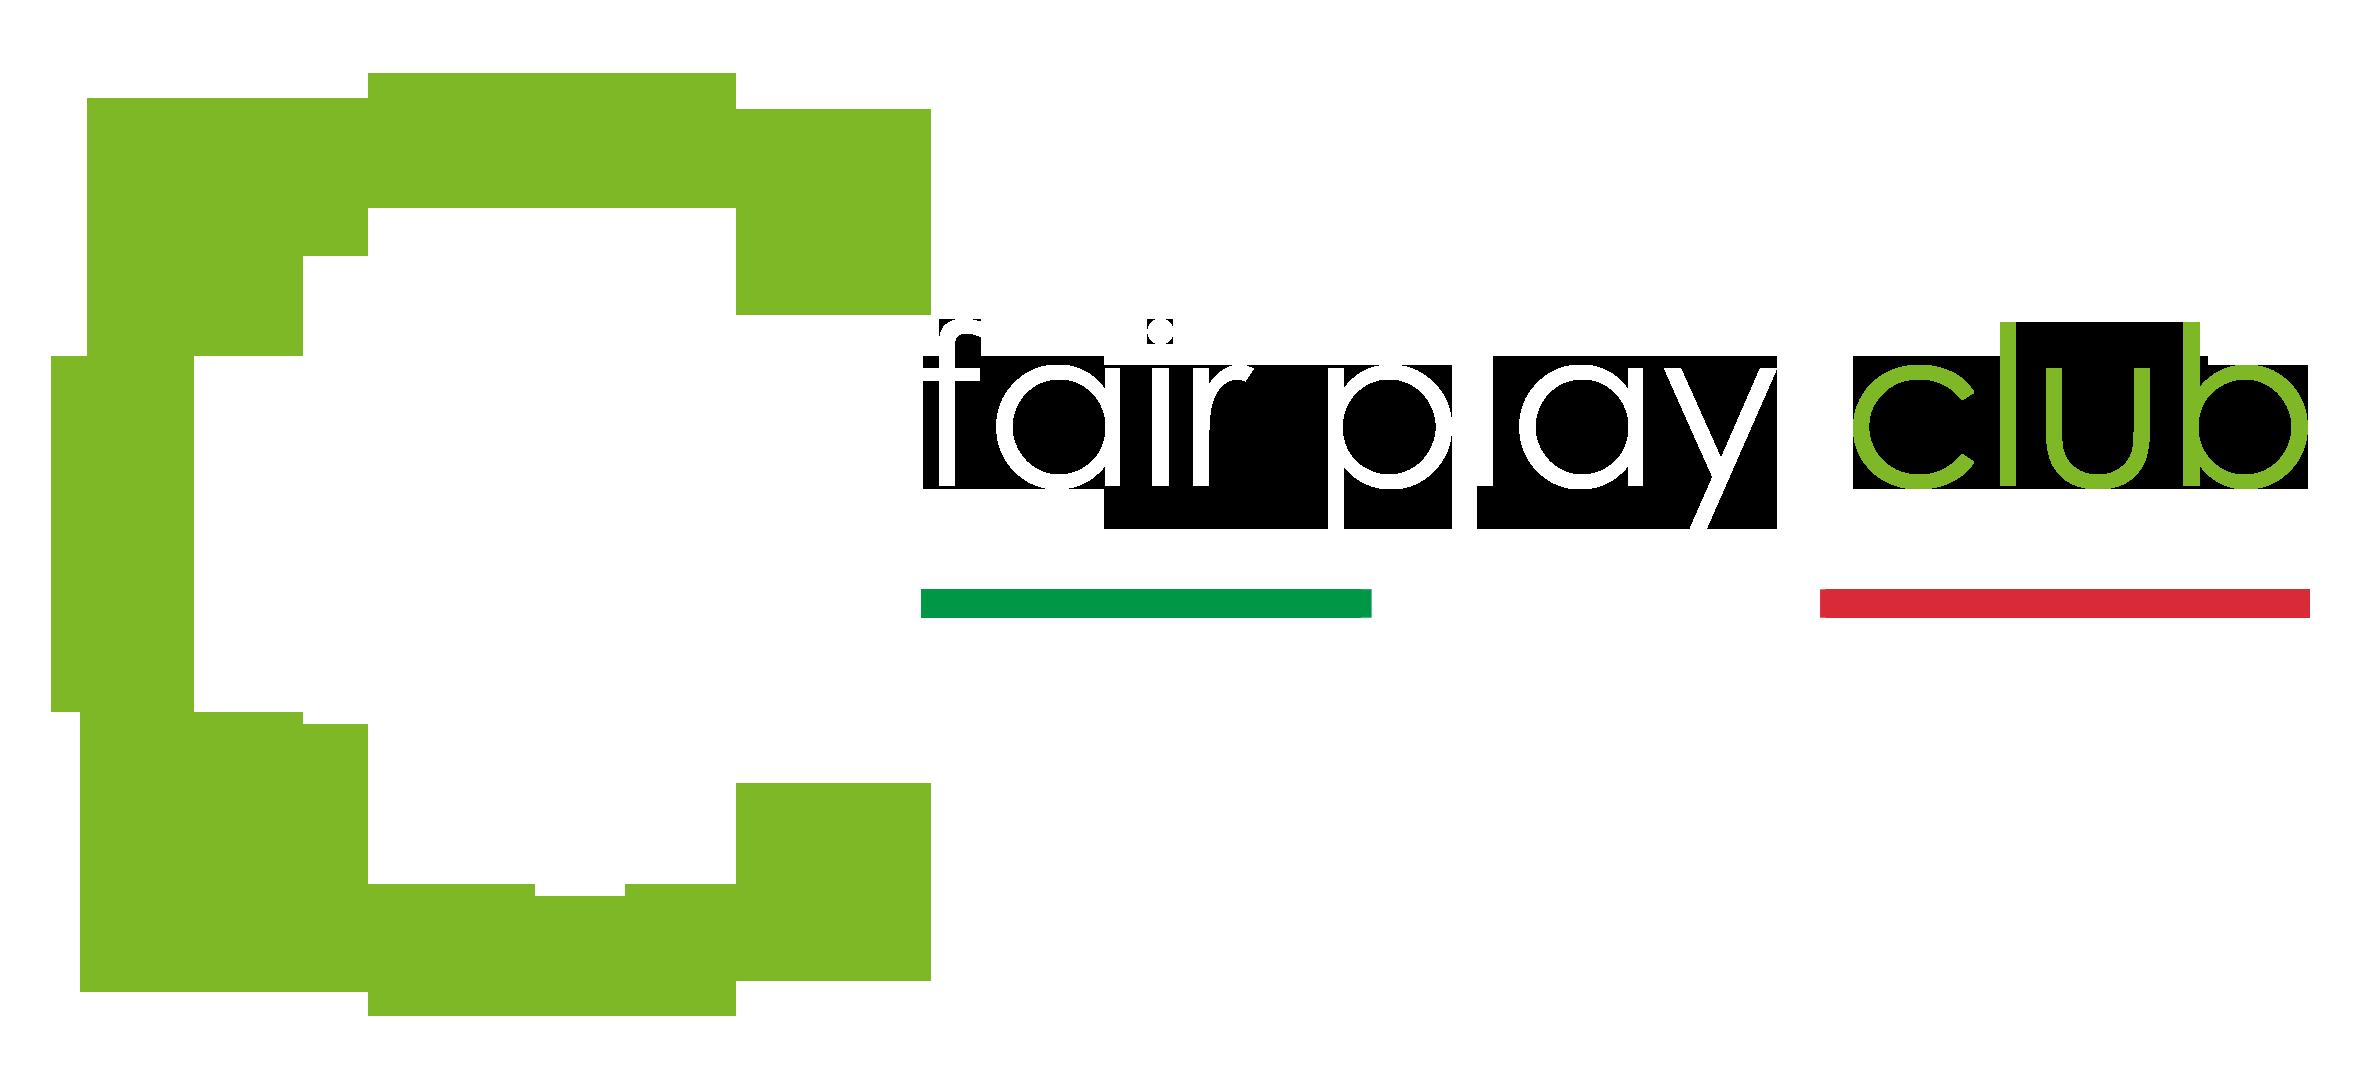 Fair Play Club